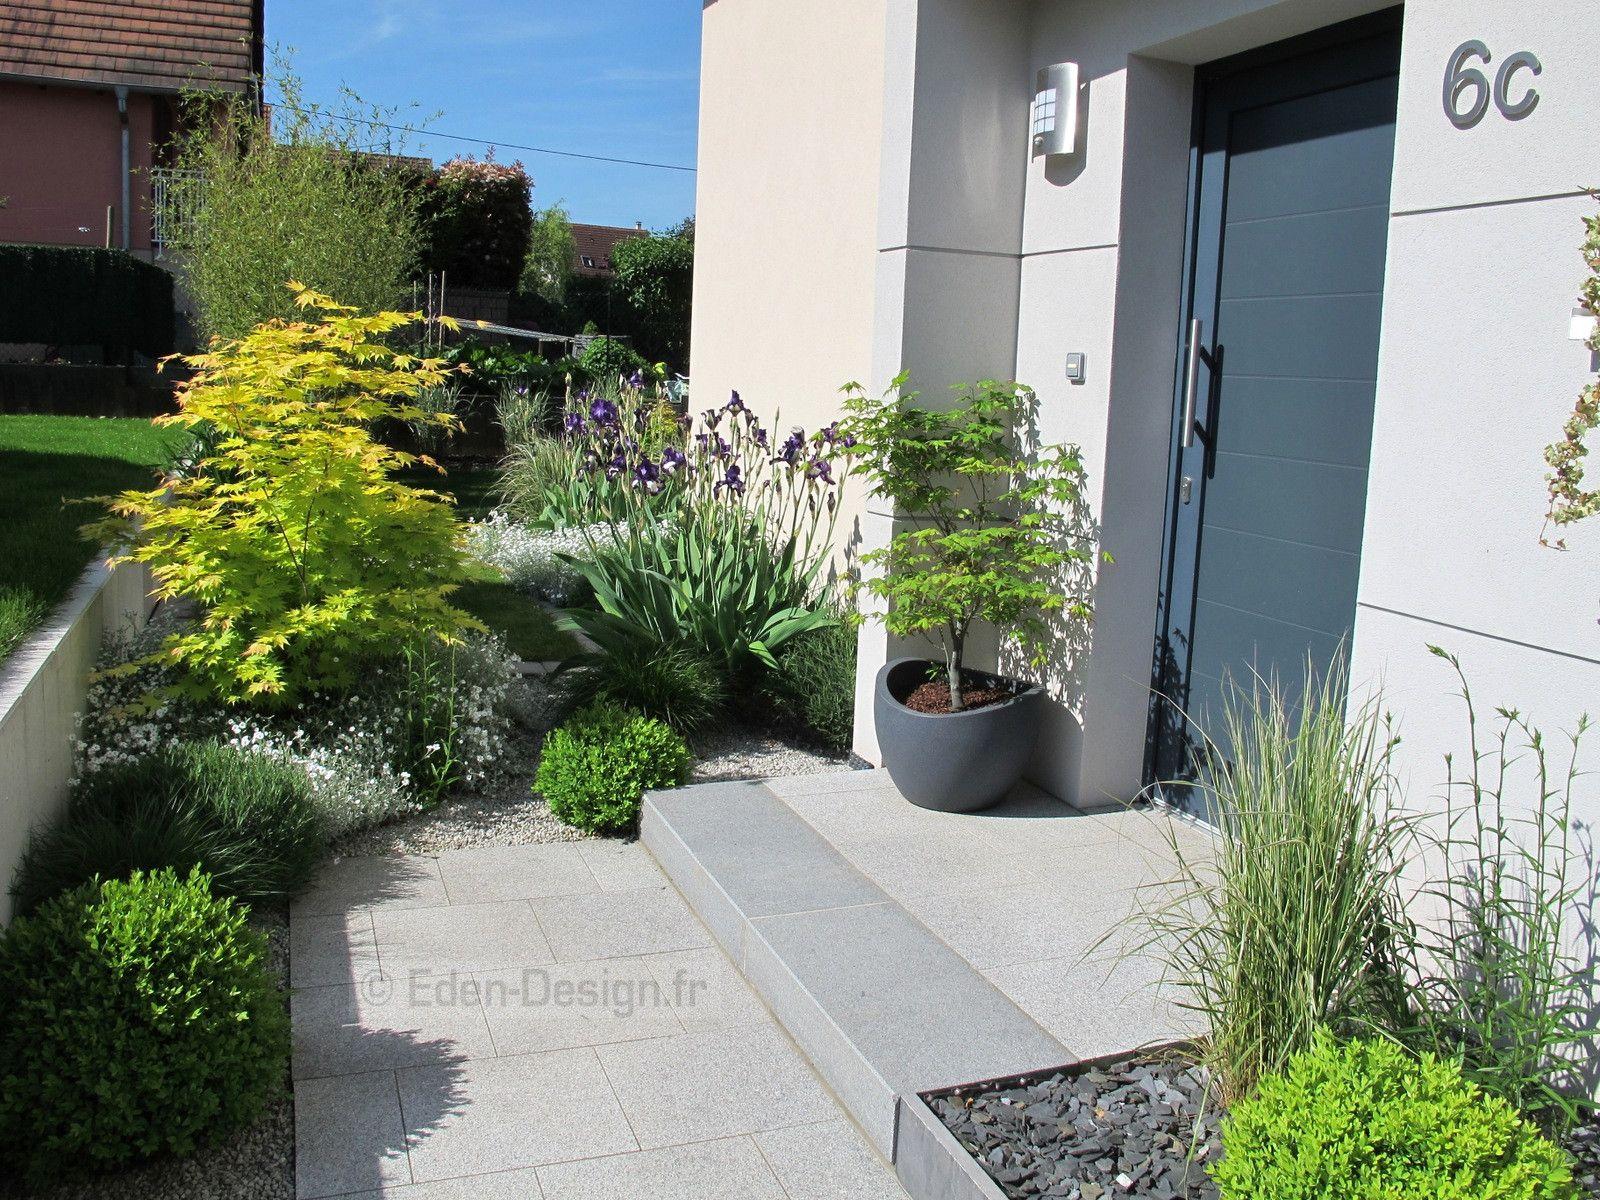 Jardin Moderne Allée D'entrée | Eden Design | Garteneingang ... pour Parterre Jardin Moderne